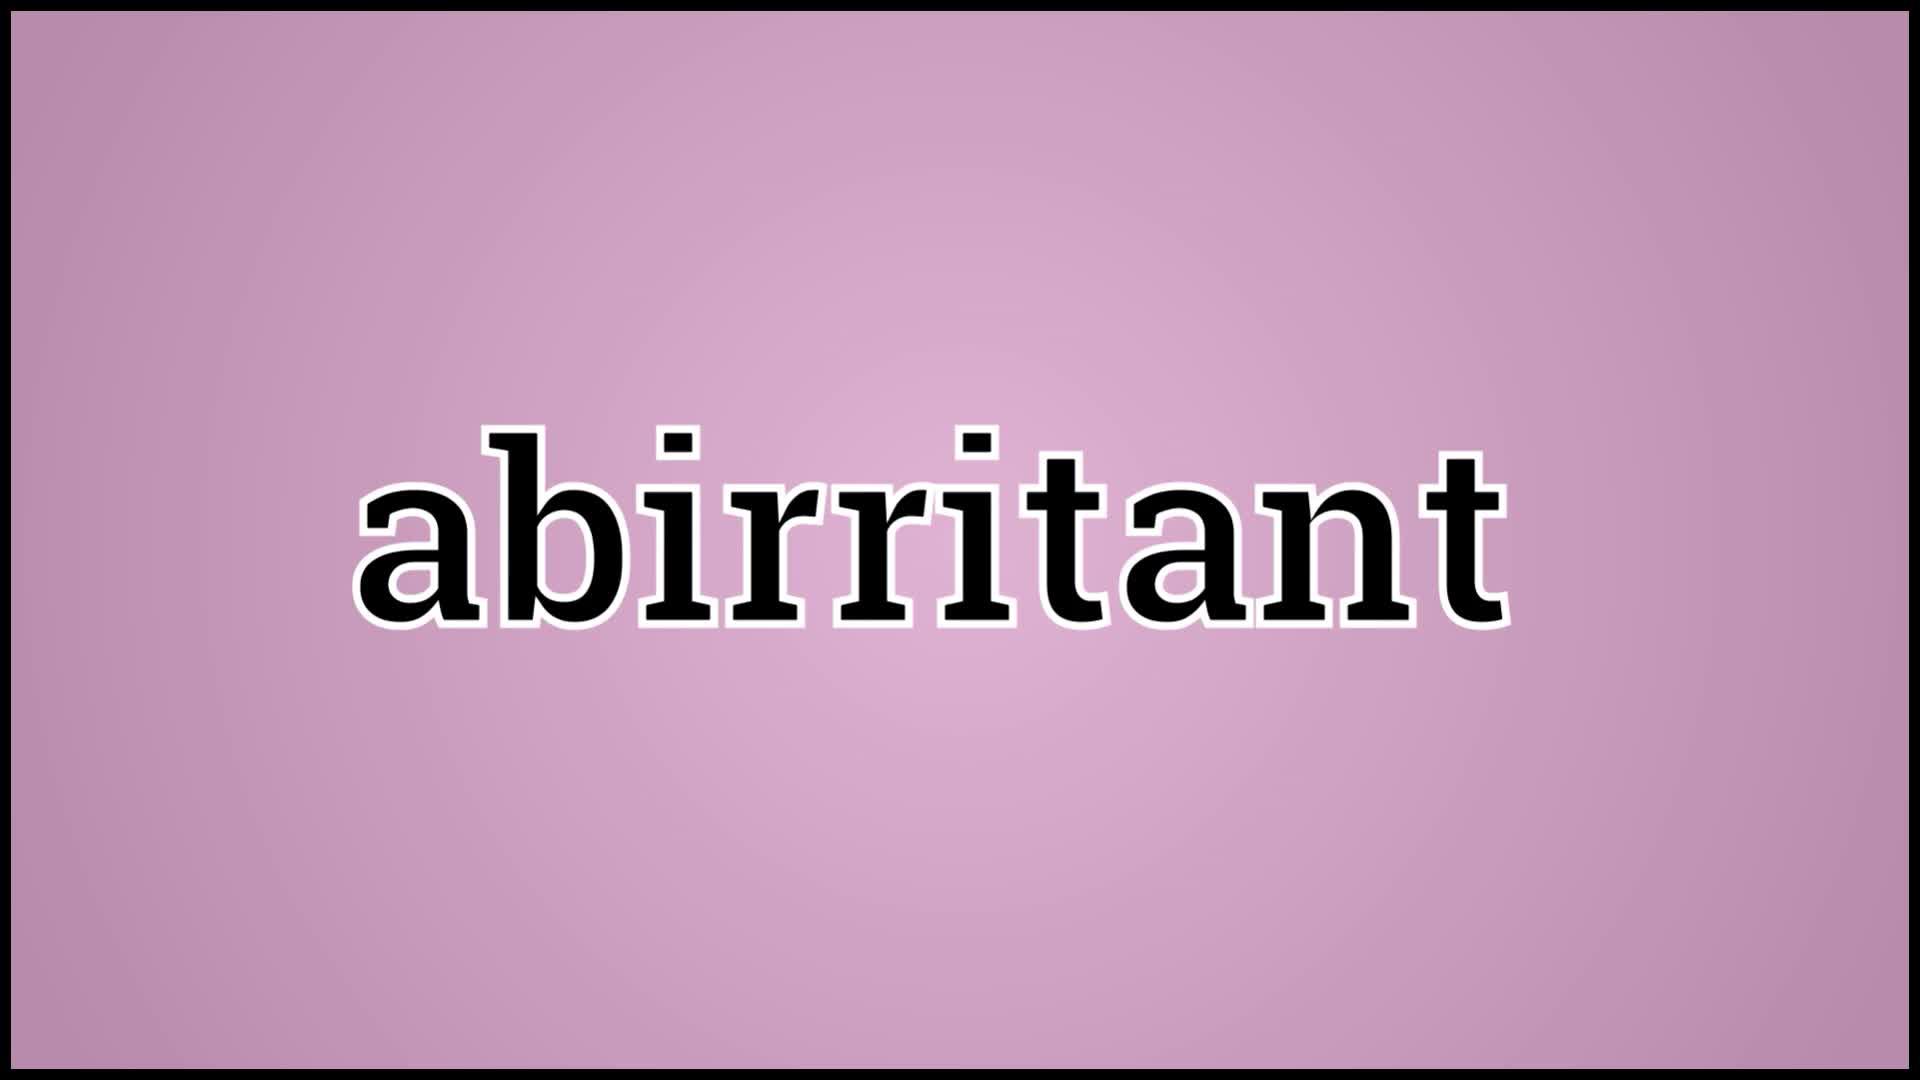 abirritant